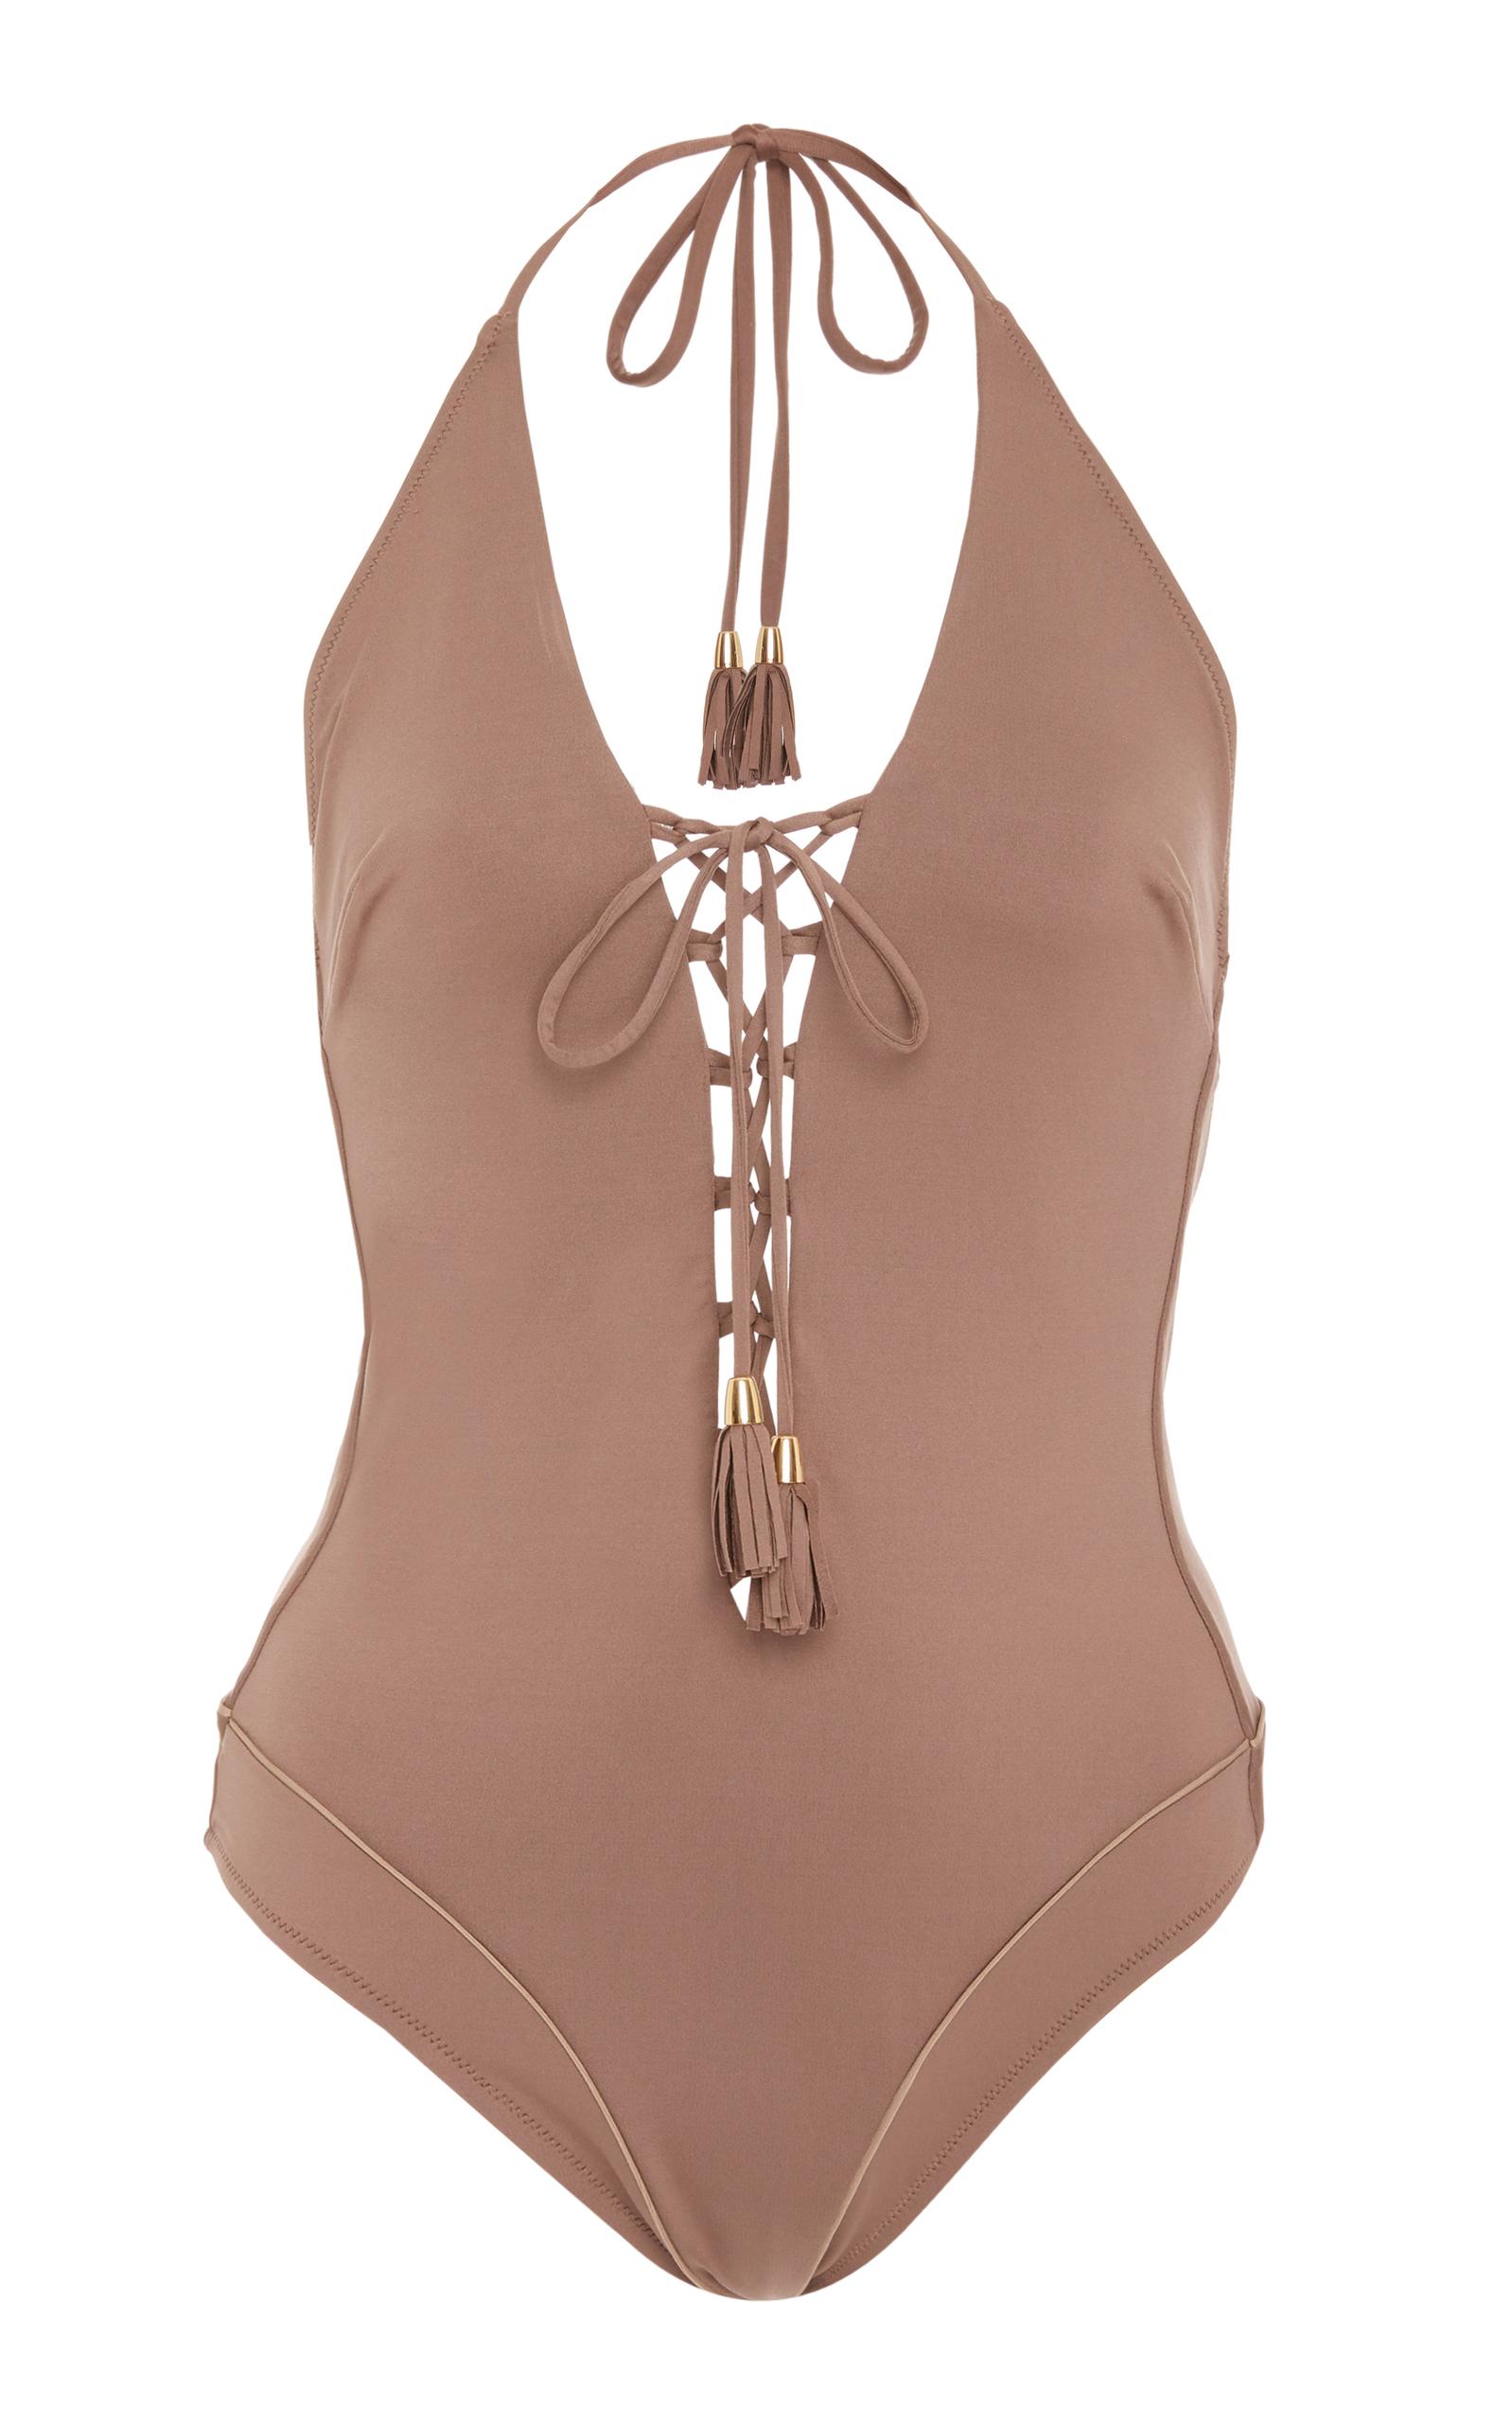 ed725454046705 Siouxsie One-Piece Swimsuit by Paolita | Moda Operandi